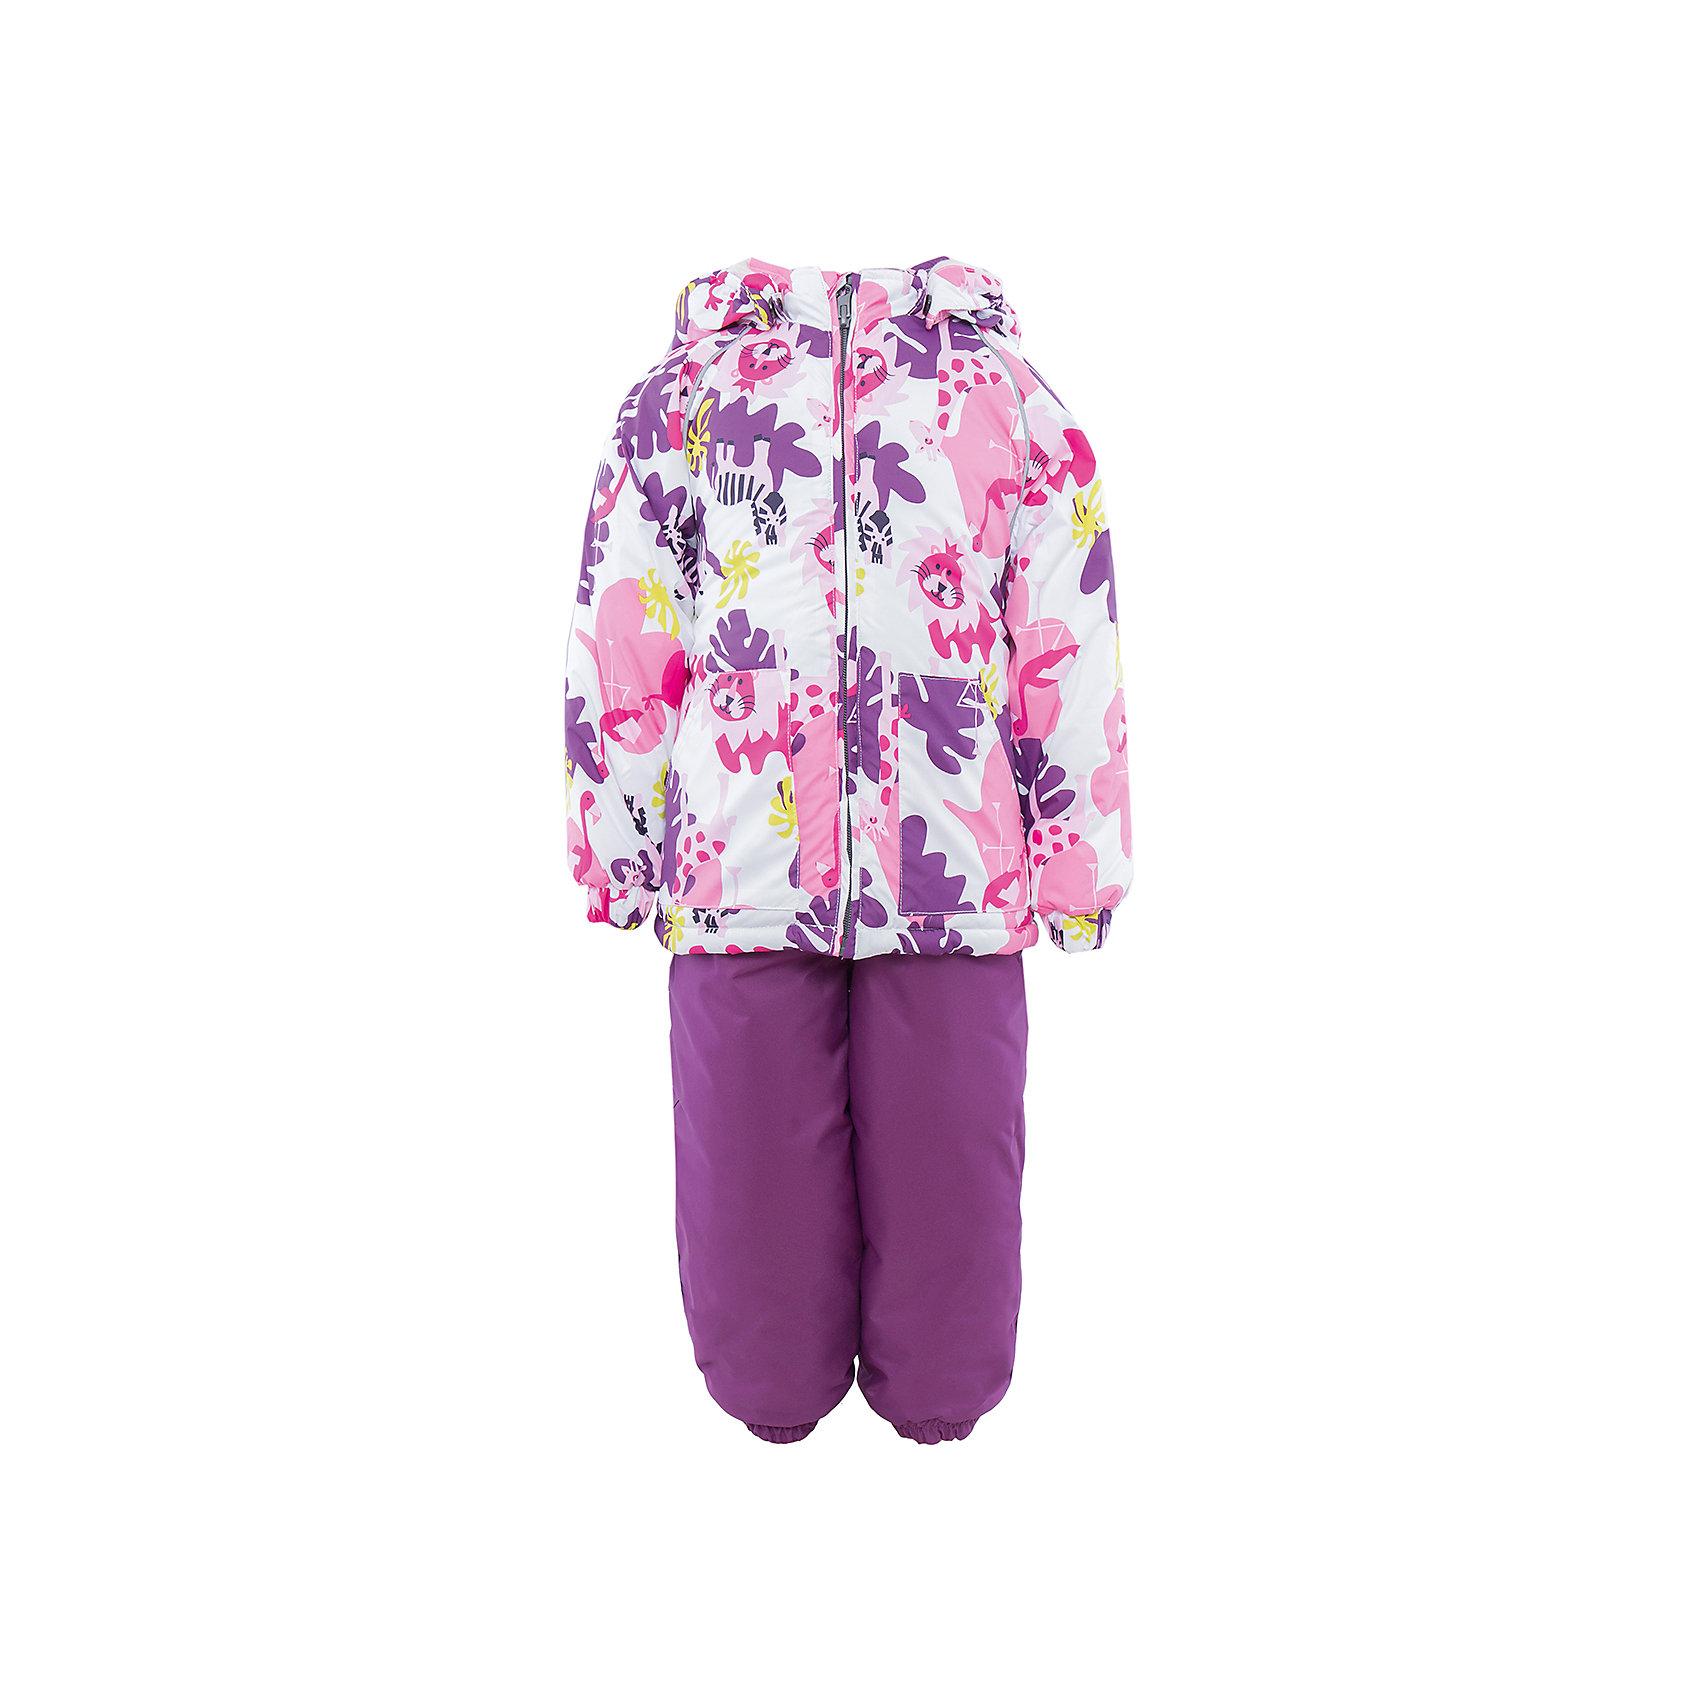 Комплект HuppaКомплект из куртки и комбинезона AVERY1 Huppa(Хуппа).<br><br>Утеплитель: 100% полиэстер. Куртка – 300 гр., полукомбинезон – 160 гр.<br><br>Температурный режим: до -30 градусов. Степень утепления – высокая. <br><br>* Температурный режим указан приблизительно — необходимо, прежде всего, ориентироваться на ощущения ребенка. Температурный режим работает в случае соблюдения правила многослойности – использования флисовой поддевы и термобелья.<br><br>Отлично подойдет для зимних прогулок. Комбинезон имеет подтяжки и резинки на талии и манжетах. Куртка с капюшоном и резинками на манжетах имеет необычный дизайн и принт со зверюшками.<br><br>Особенности:<br>-плотная дышащая и водоотталкивающая мембрана<br>-водонепроницаемый<br>-мягкая фланелевая подкладка<br>-водостойкая лента на швах<br>-высокая прочность<br>-светоотражающие элементы<br>-съемный каюшон (мех не отстегивается)<br><br>Дополнительная информация:<br>Материал: 100% полиэстер<br>Подкладка: фланель - 100% хлопок<br>Цвет: лиловый/белый<br><br>Вы можете приобрести комплект AVERY1 Huppa(Хуппа) в нашем интернет-магазине.<br><br>Ширина мм: 356<br>Глубина мм: 10<br>Высота мм: 245<br>Вес г: 519<br>Цвет: белый<br>Возраст от месяцев: 18<br>Возраст до месяцев: 24<br>Пол: Женский<br>Возраст: Детский<br>Размер: 92,104,98,86,80<br>SKU: 4928792